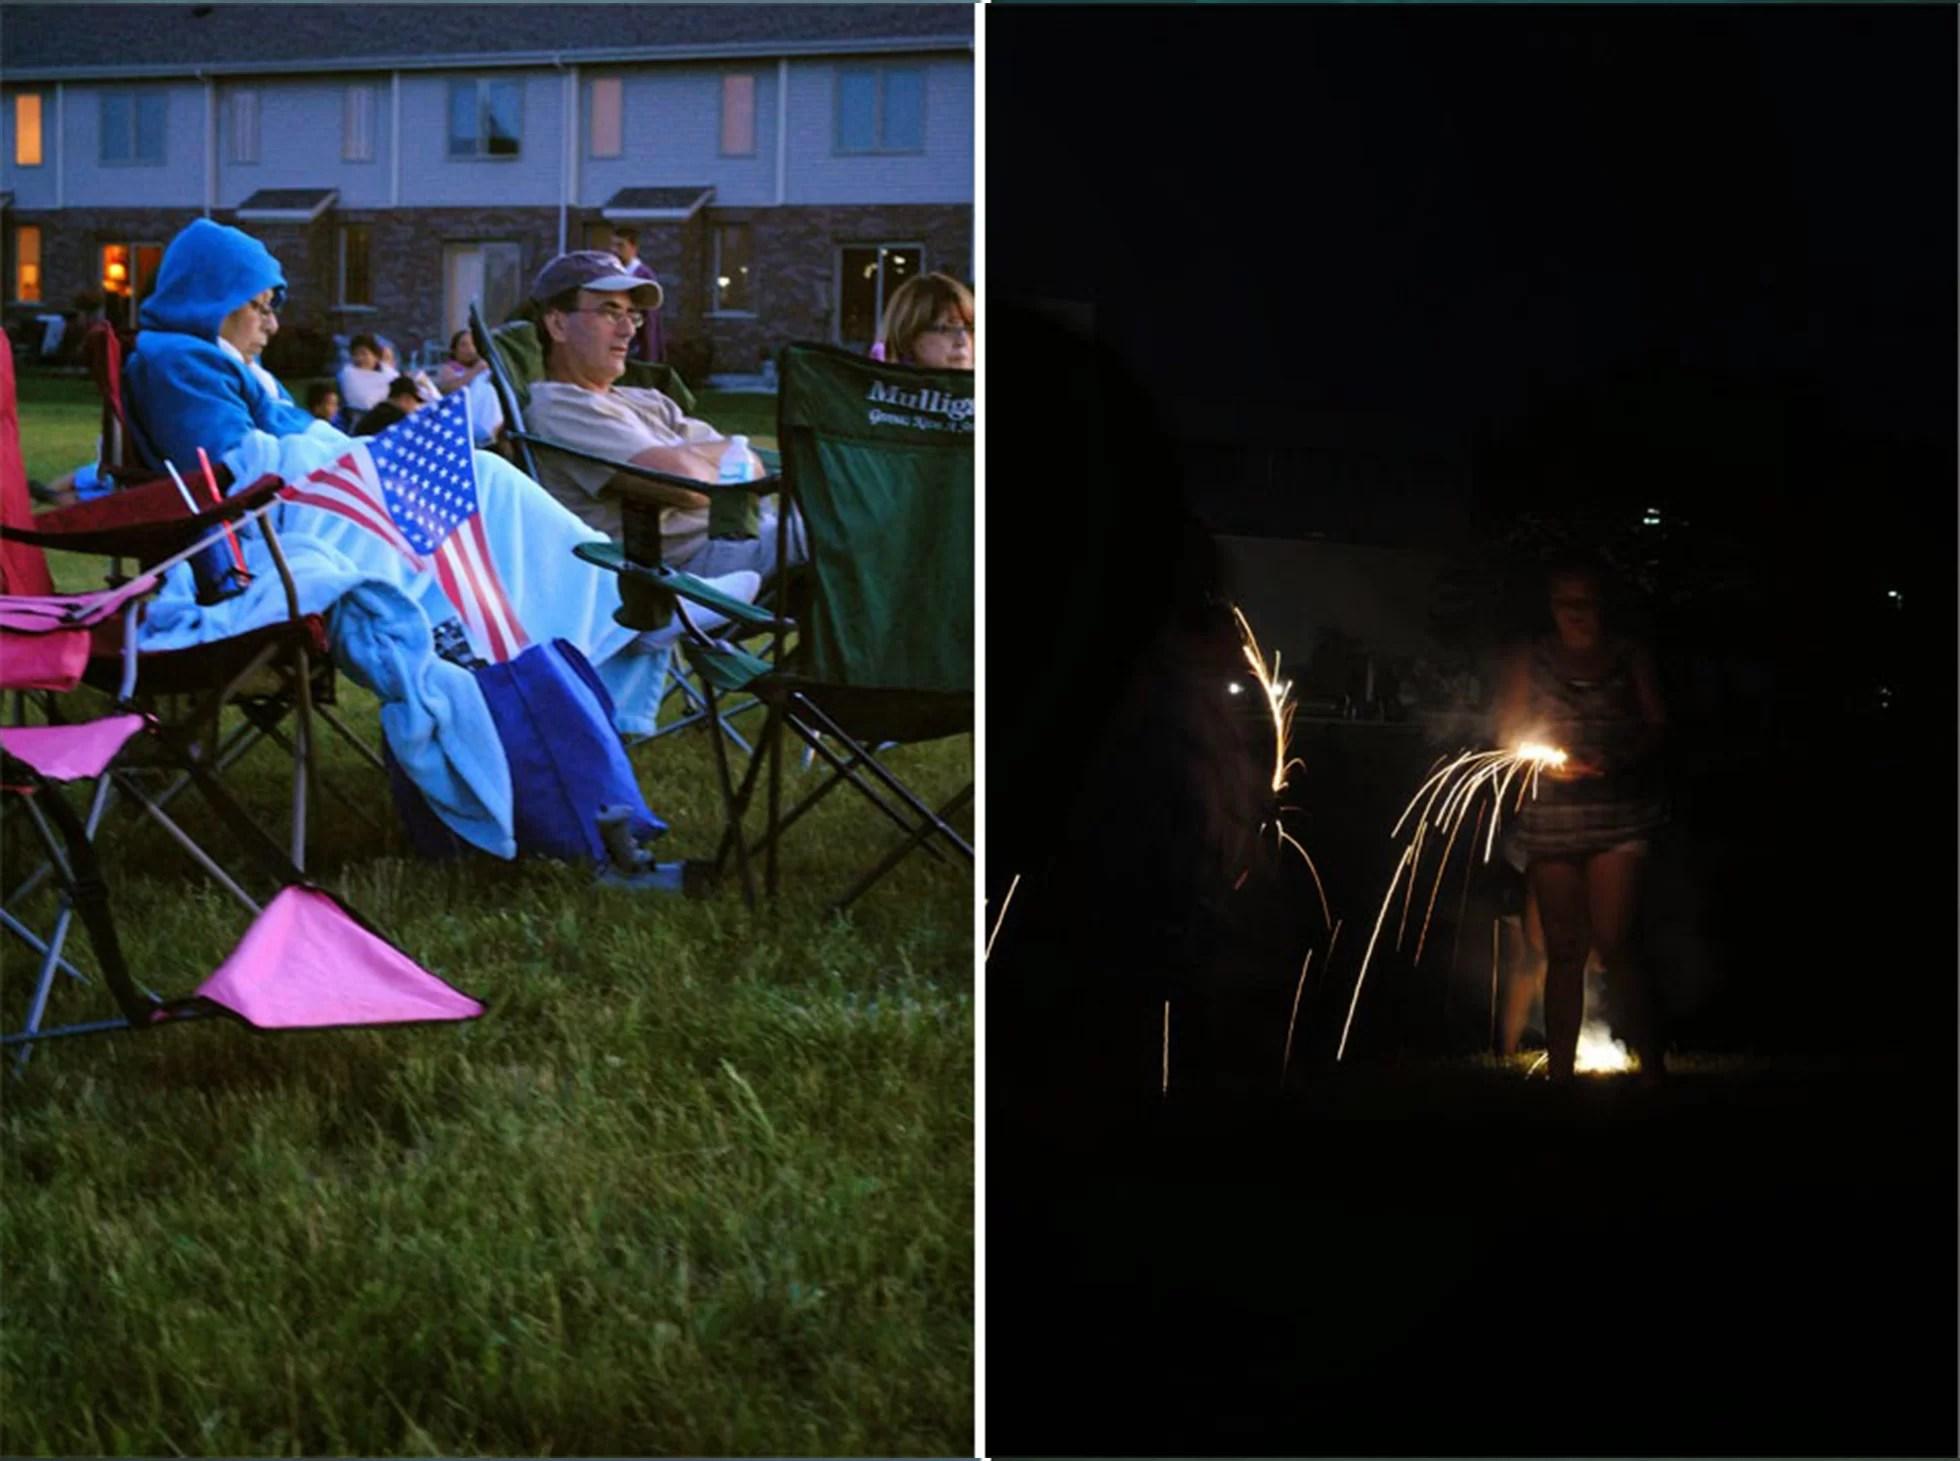 $ lipca święto Niepodległości w Ameryce